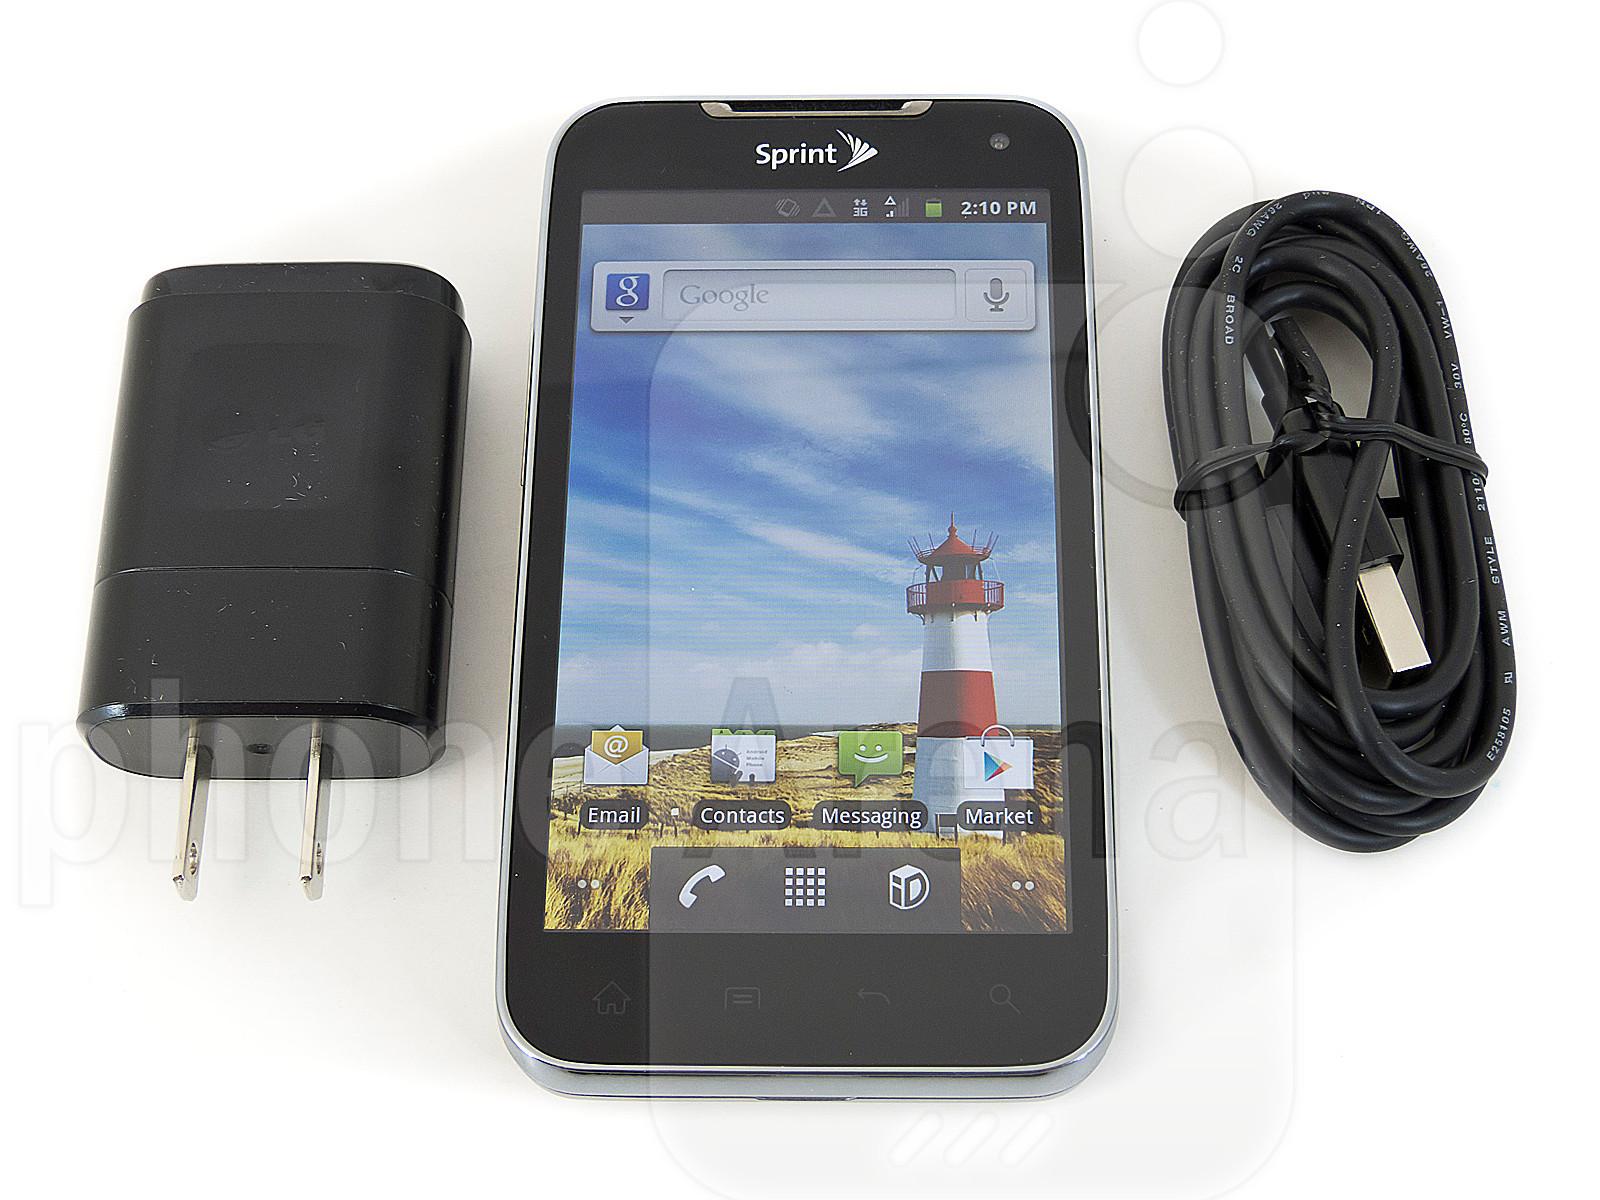 LG Viper 4G LTE specs